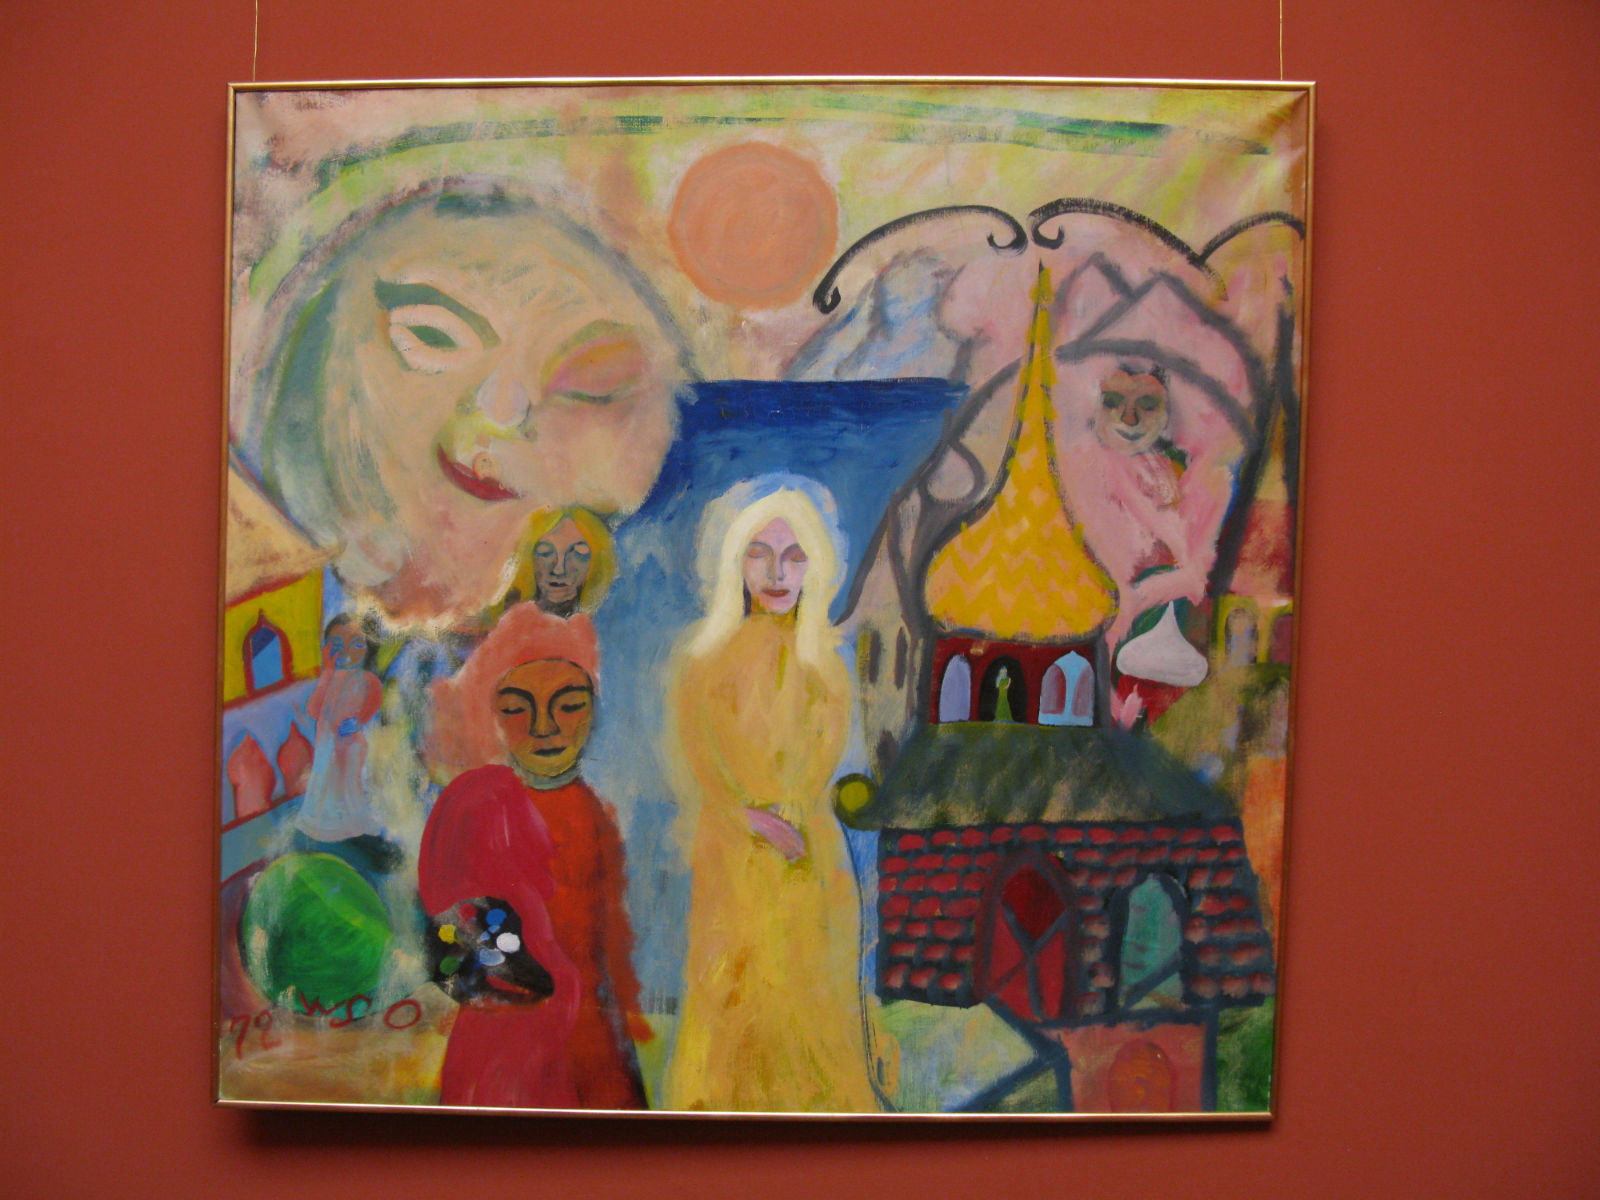 Øssur Johannesen - My Crucifixion